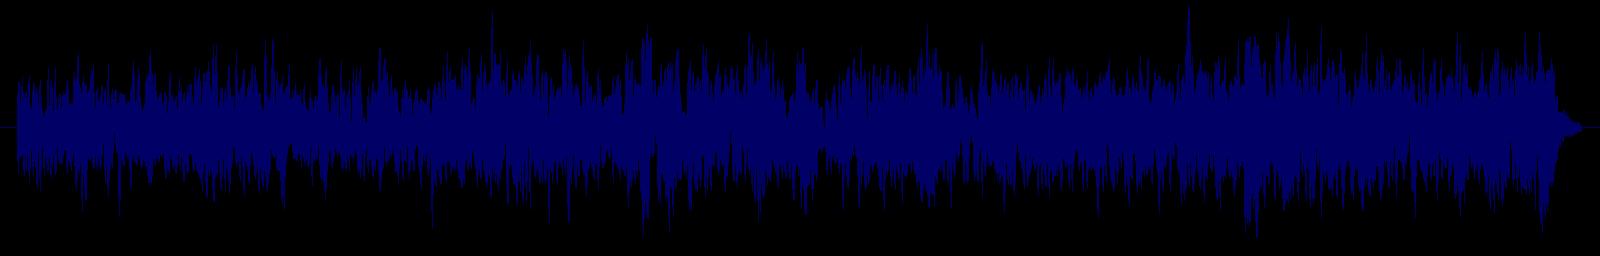 waveform of track #107152